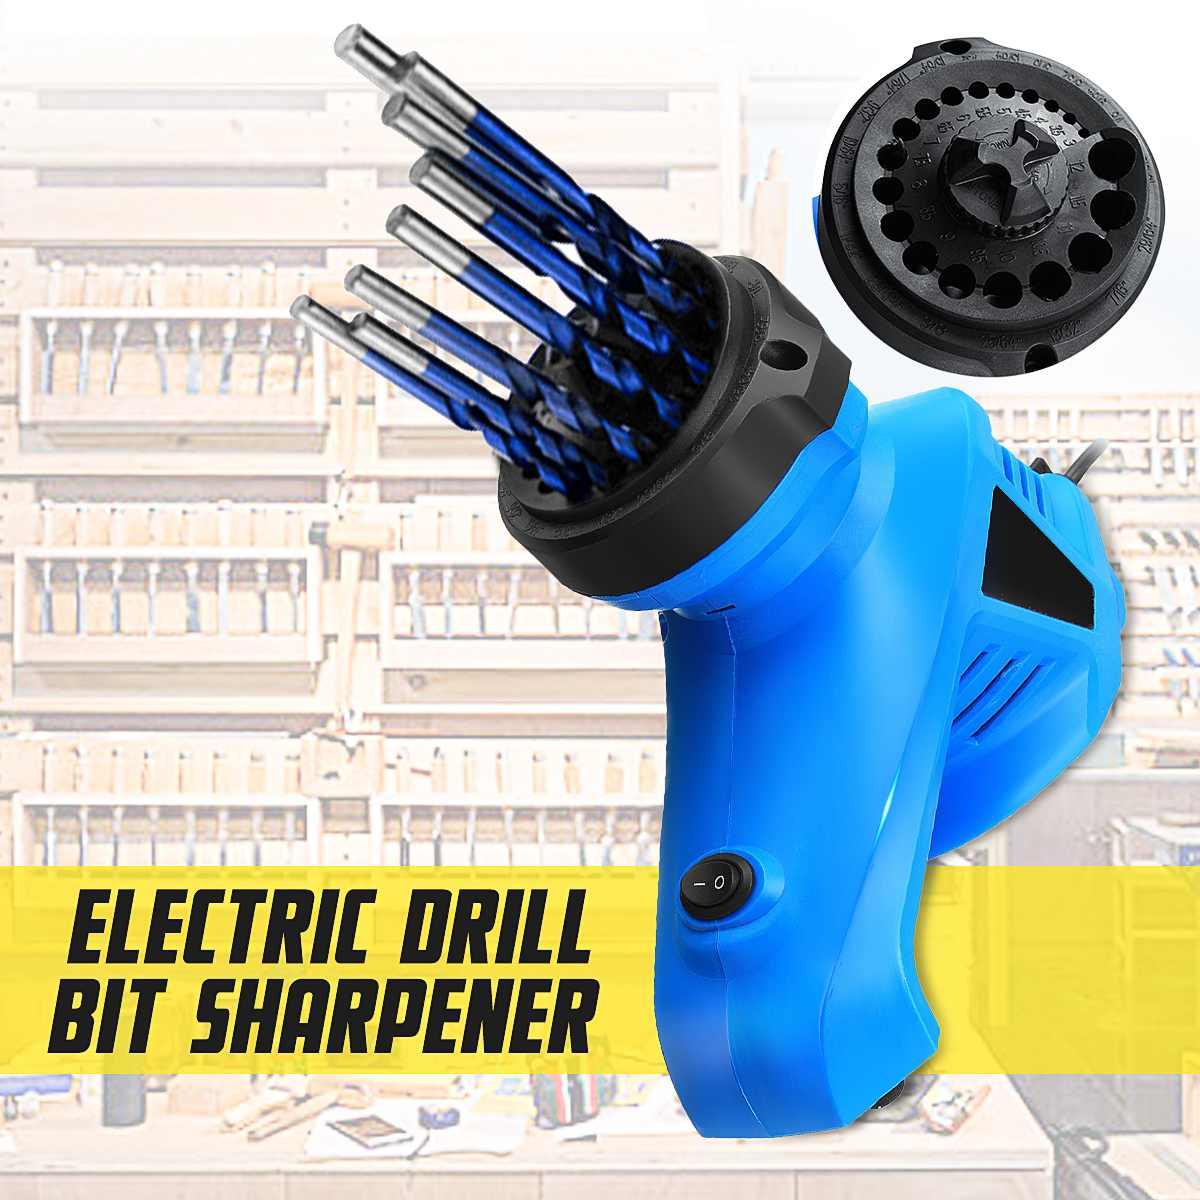 Electric Drill Bit Sharpener EU Plug High Speed Twist Drill Grinder Machine Power Tools Twist Drill Driver 95W For 3-12mm Drills